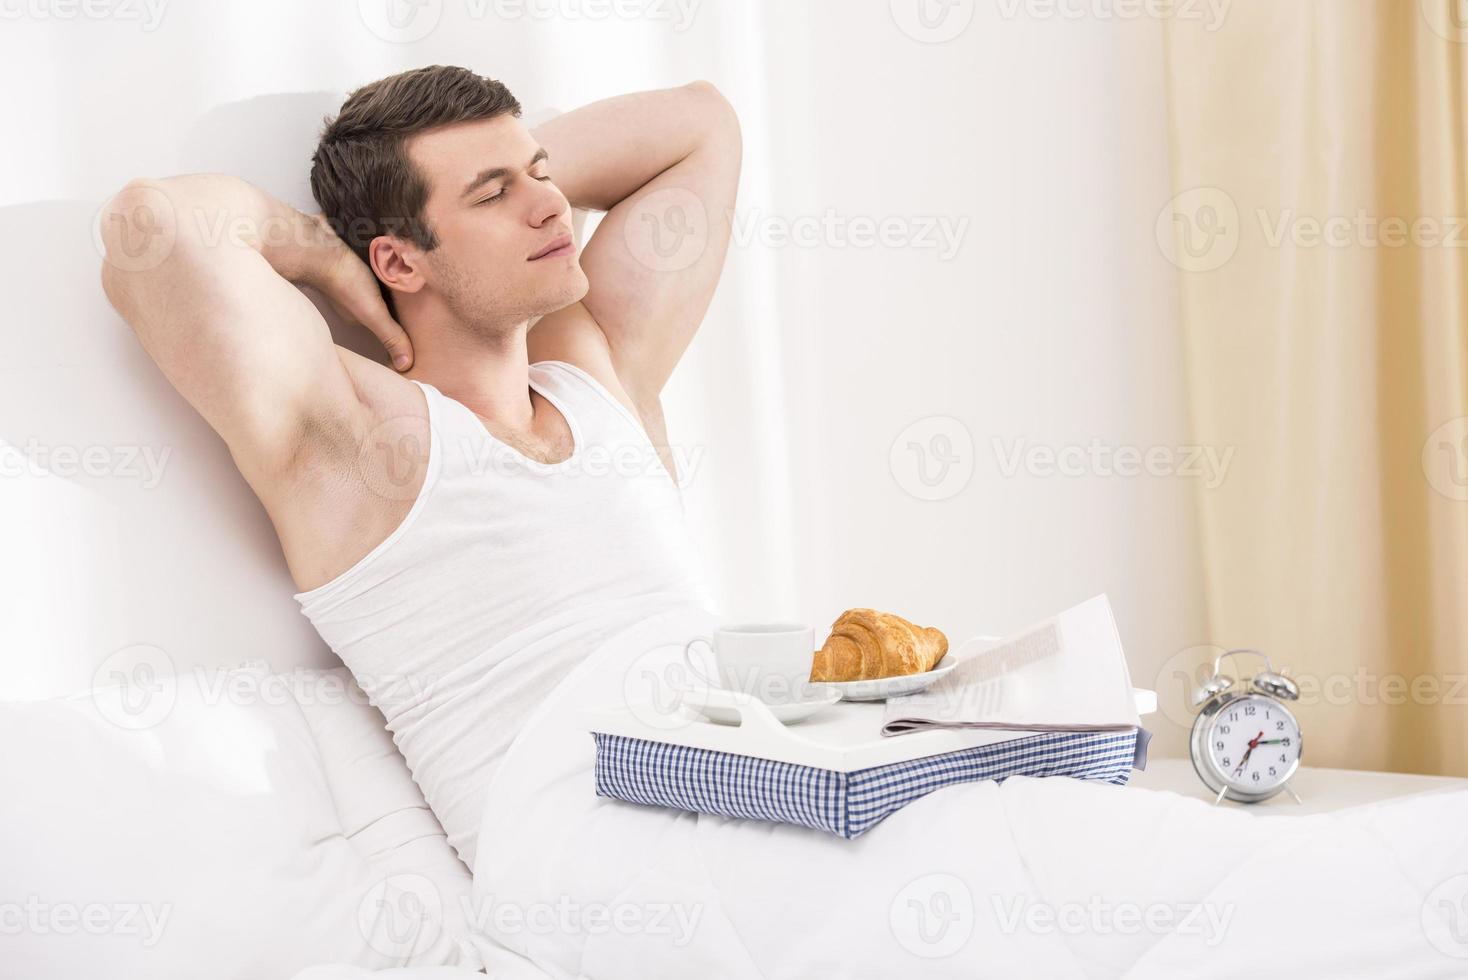 Breakfast in bed photo